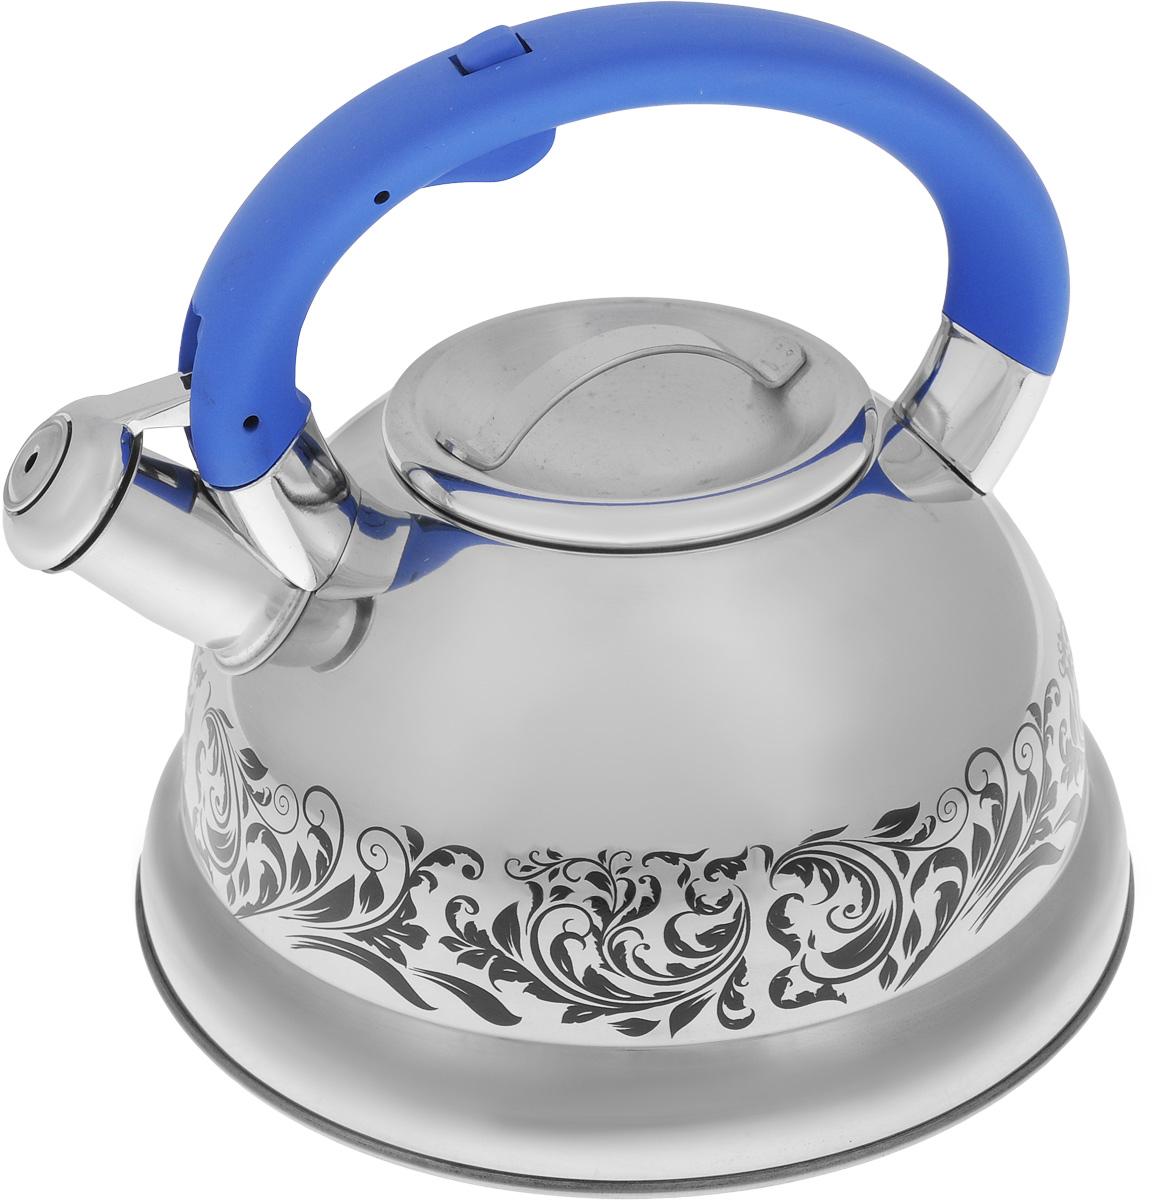 Чайник Mayer & Boch, со свистком, цвет: стальной, синий, 2,6 л. 2341723417Чайник Mayer & Boch выполнен из нержавеющей стали с зеркальной полировкой, что делает его весьма устойчивым к износу при длительном использовании. Изделие оснащено откидным свистком, который громко оповестит о закипании воды. Удобная эргономичная ручка изготовлена из бакелита. Такой чайник идеально впишется в интерьер любой кухни и станет замечательным подарком к любому случаю. Подходит для всех типов плит, включая индукционные. Можно мыть в посудомоечной машине.Диаметр чайника (по верхнему краю): 10 см.Диаметр индукционного диска: 18 см.Высота чайника (с учетом ручки): 20,5 см.